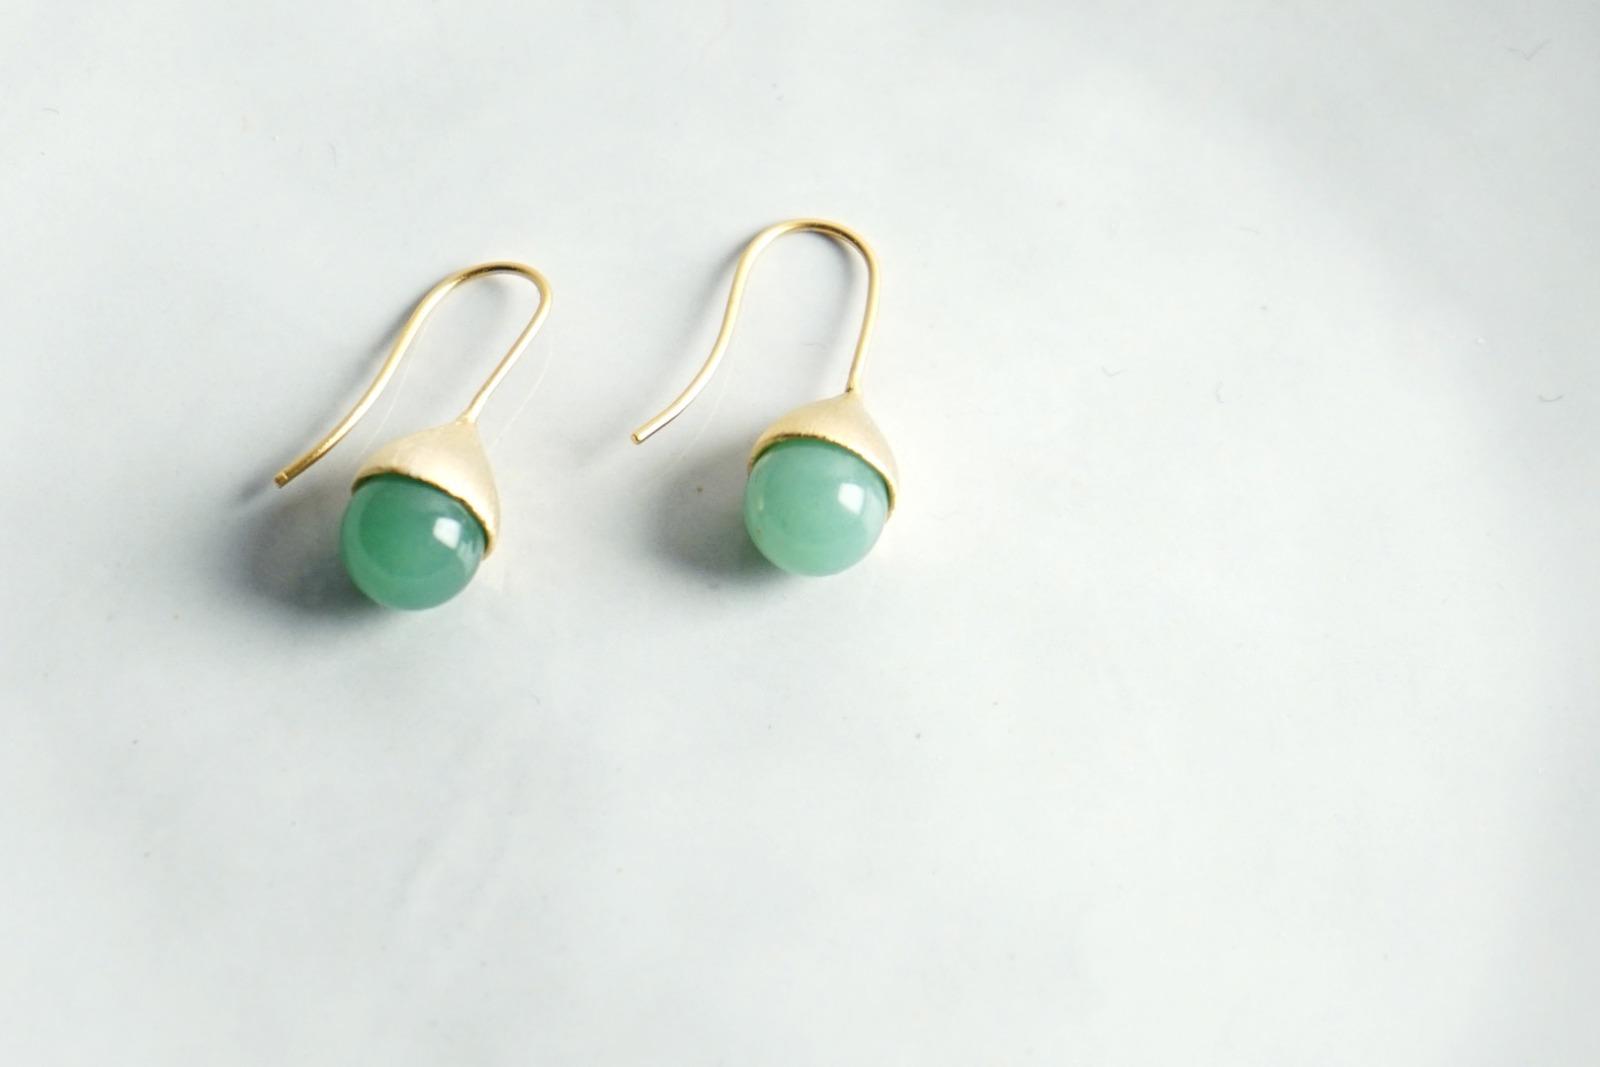 Ohrhänger Hütchen vergoldet mit Perle Aventurin grün - 1